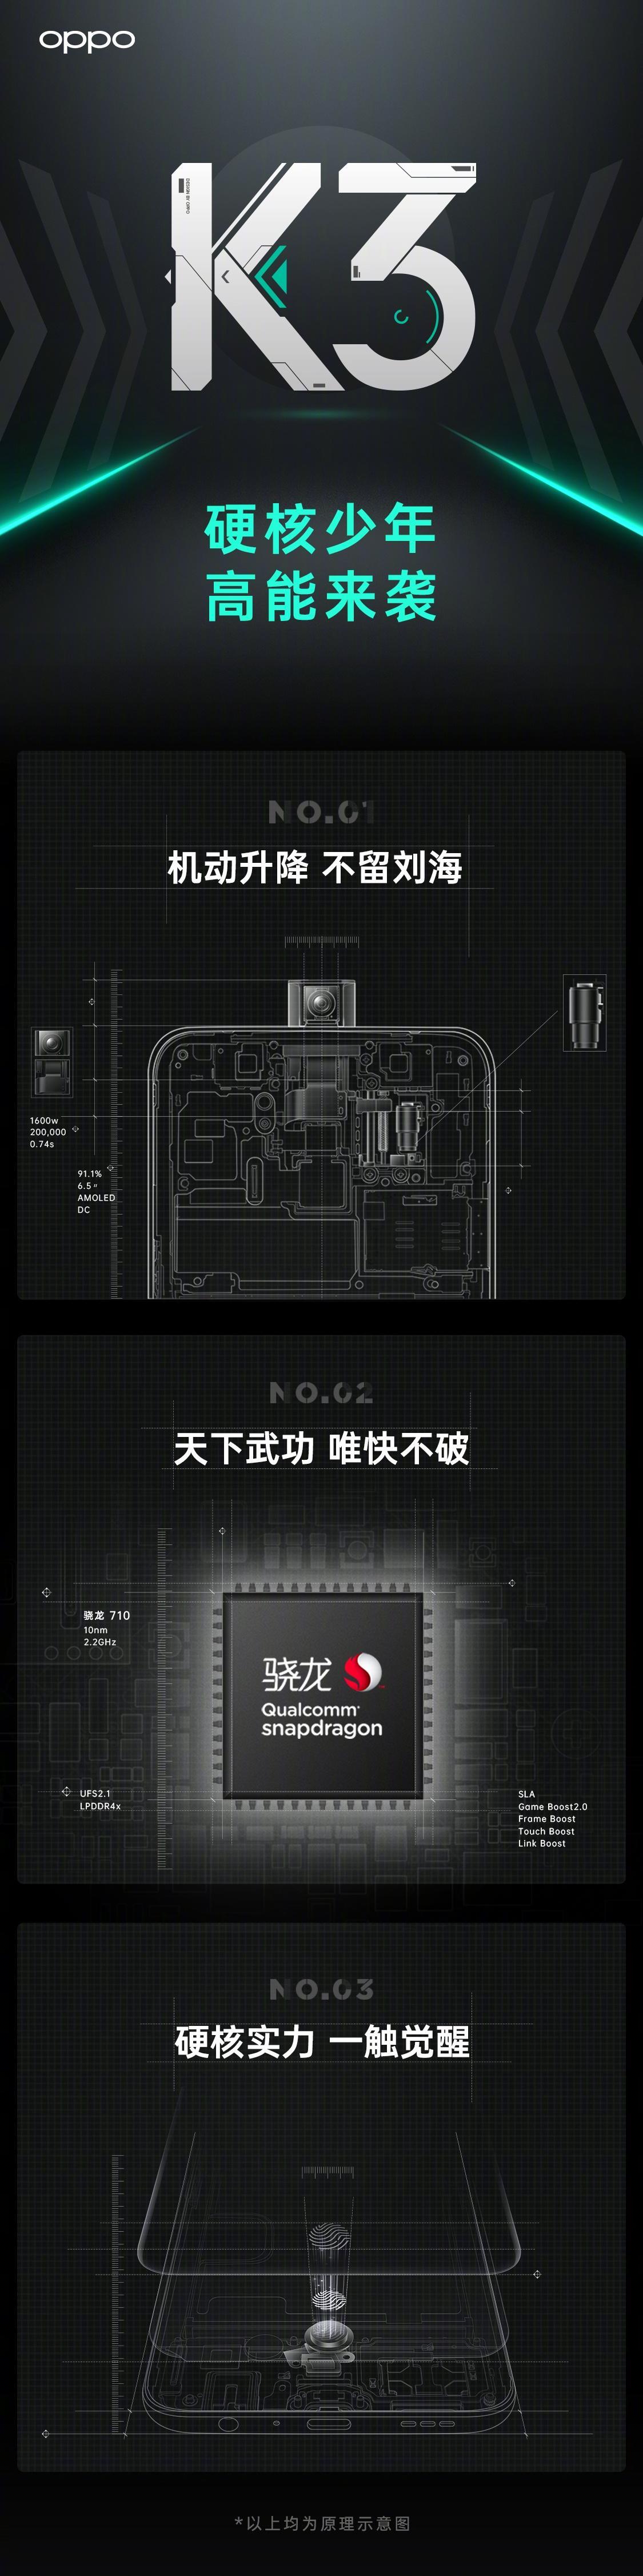 官方公布OPPO K3新特性:升降式前摄+骁龙710